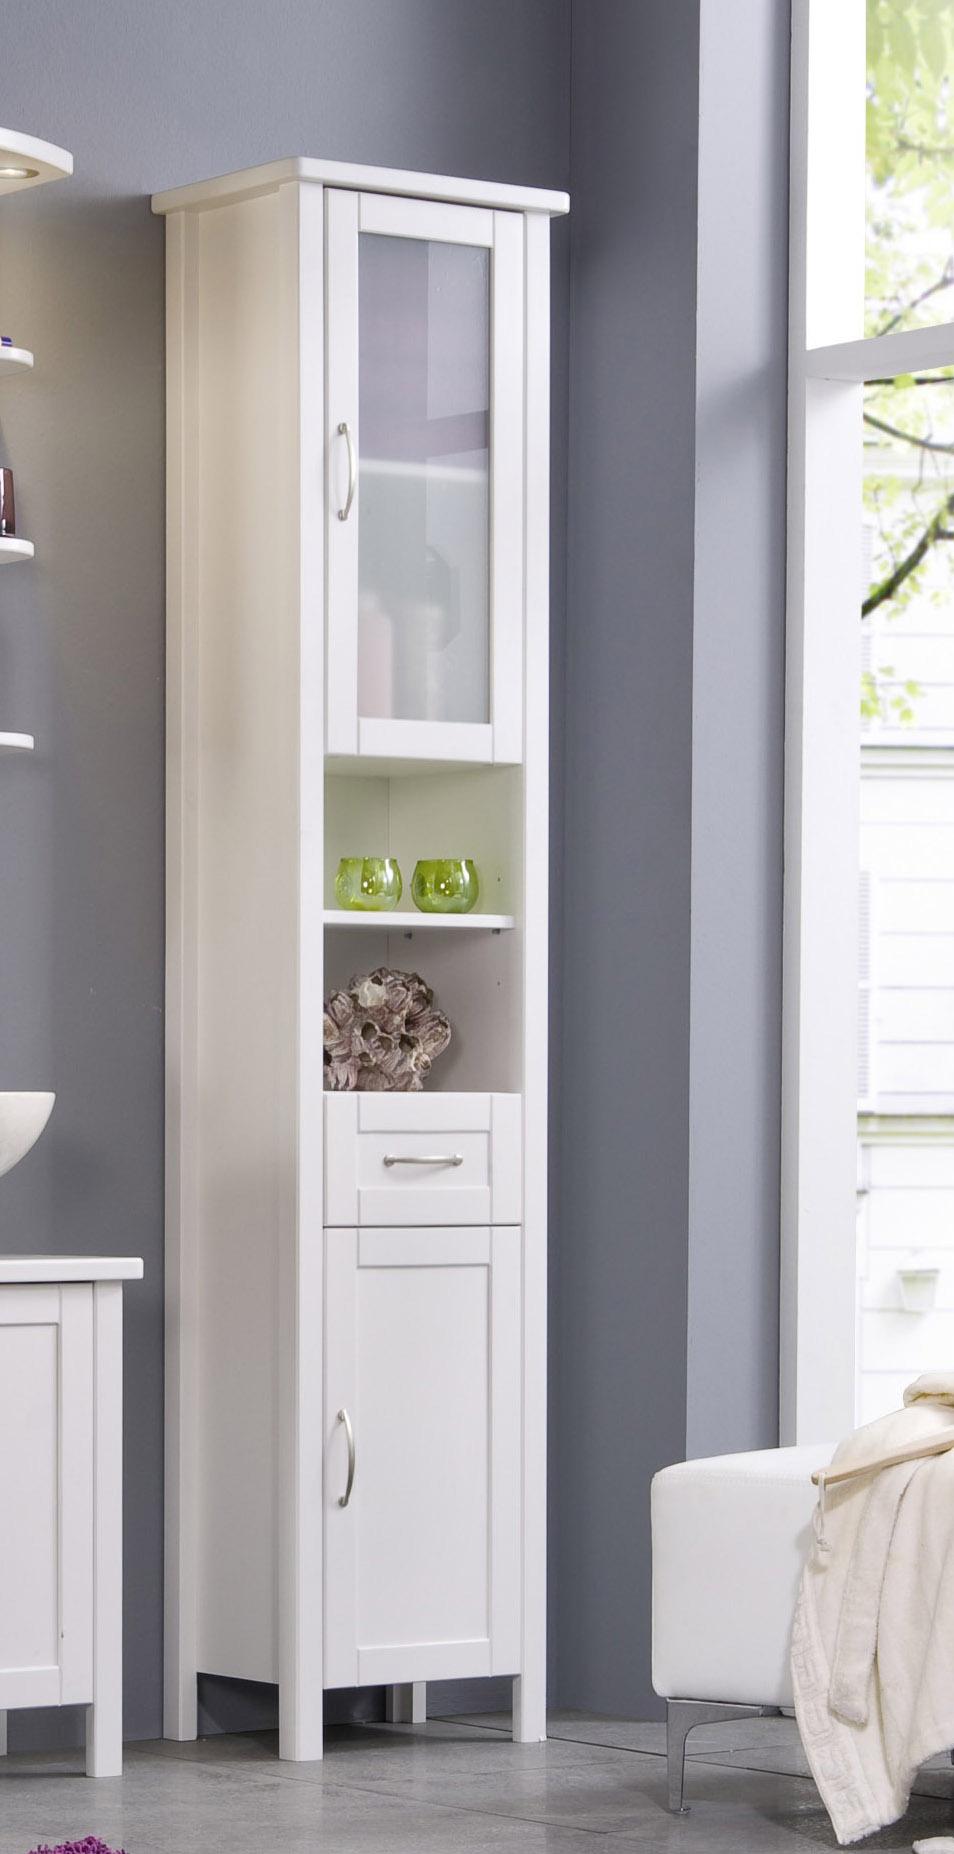 sam bad wei massiv kiefer gewachst hochschrank venedig. Black Bedroom Furniture Sets. Home Design Ideas